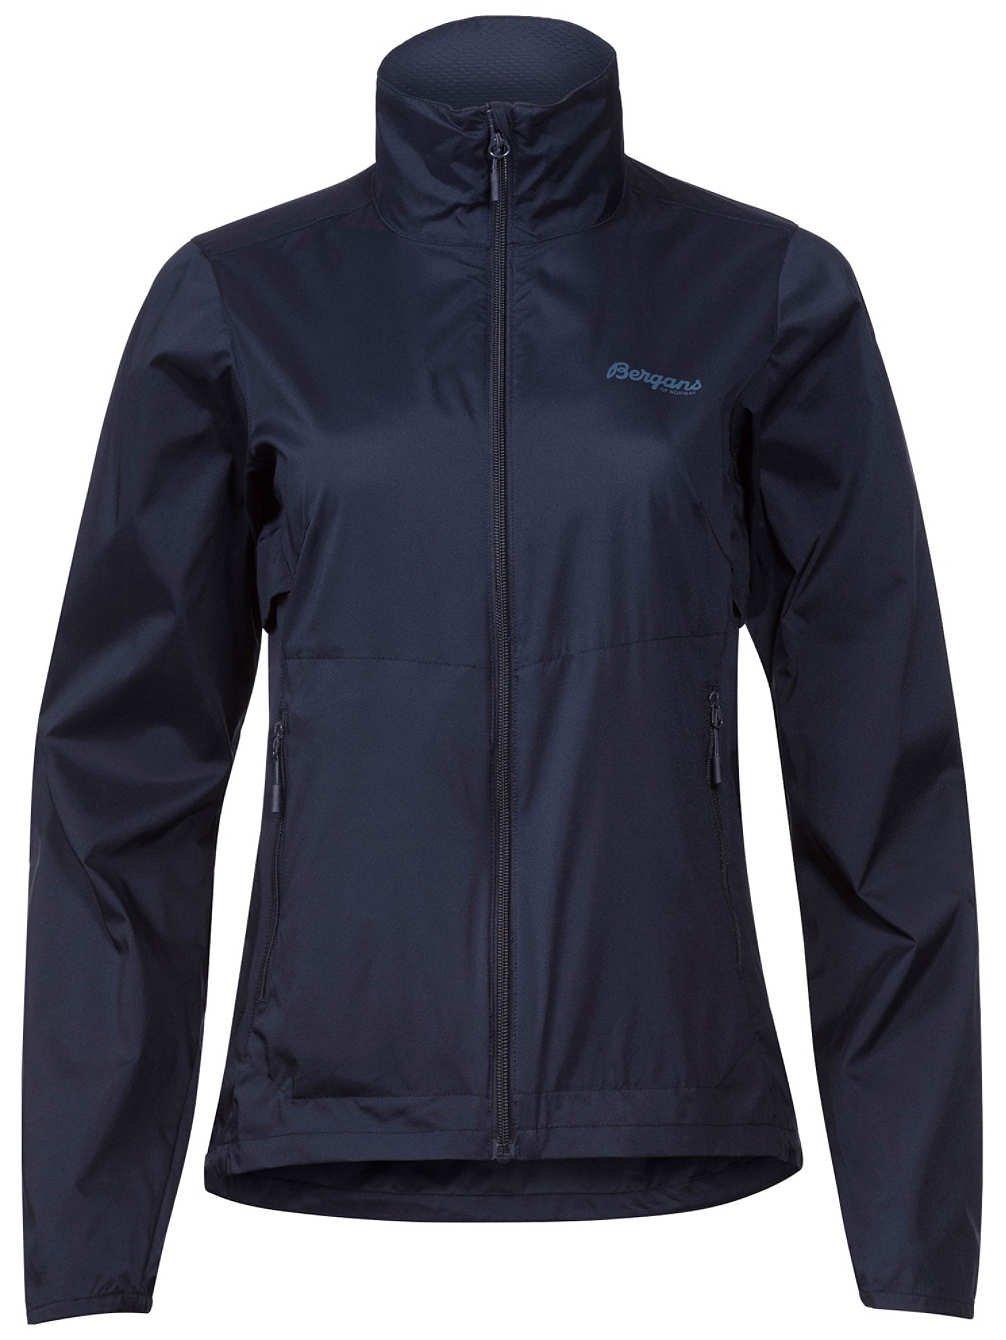 Bergans Floyen Jacket damen - Leichte Softshelljacke für Damen